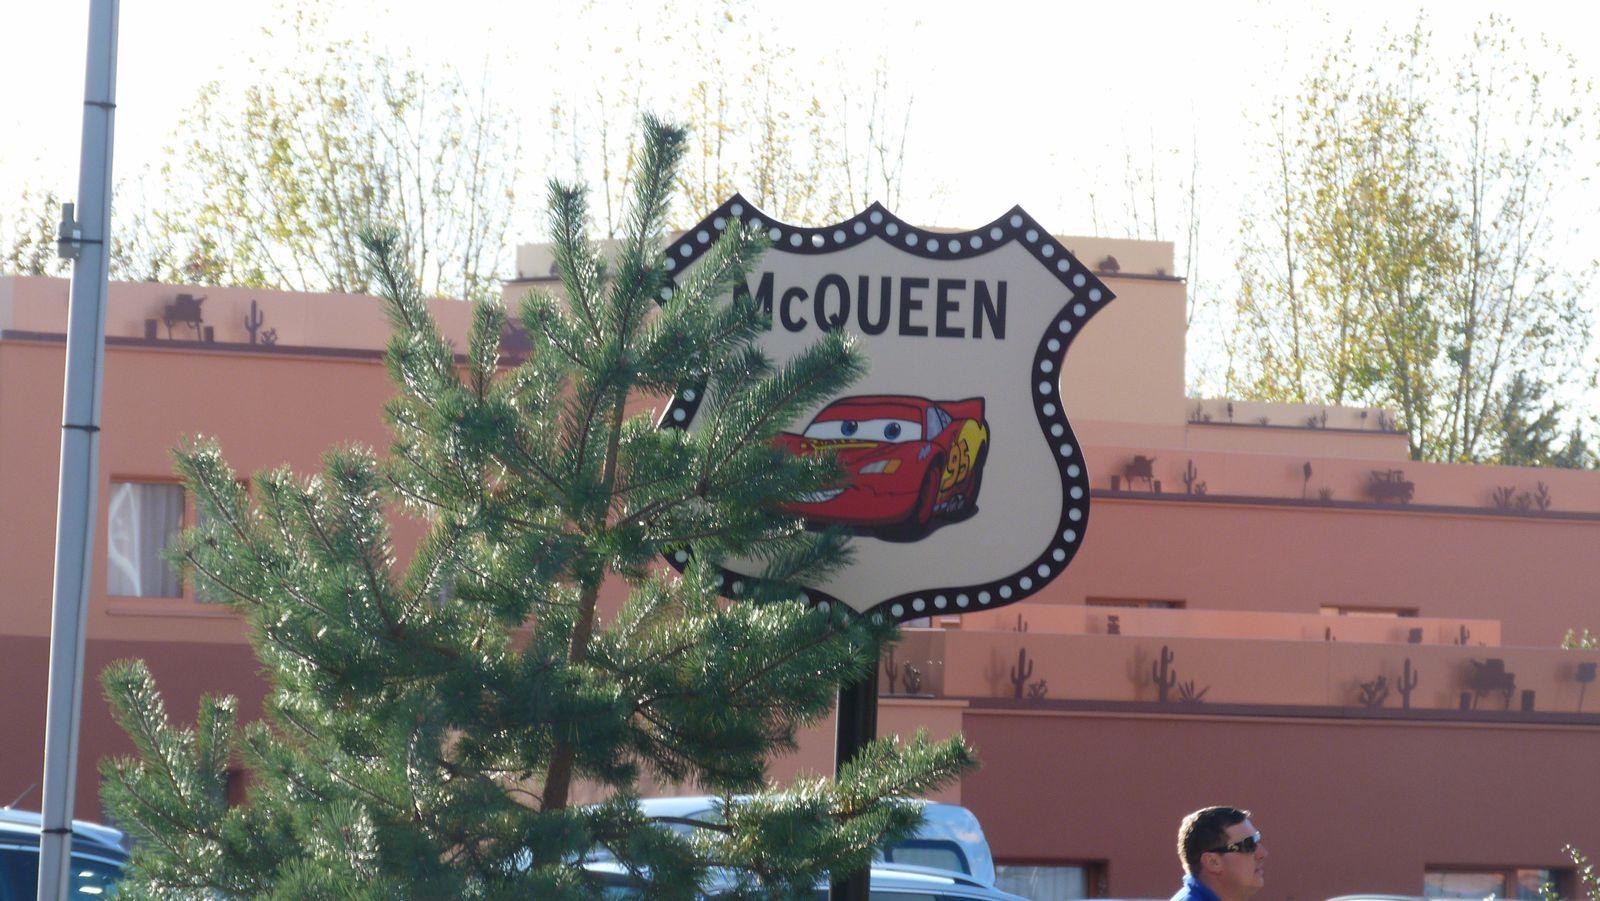 Le Disney's Hotel Santa Fé rénové sur le thème de Cars - Quatre Roues : photos page 16 - Page 18 Ob_024bace17505361bbe770058616aca0a_p1300243